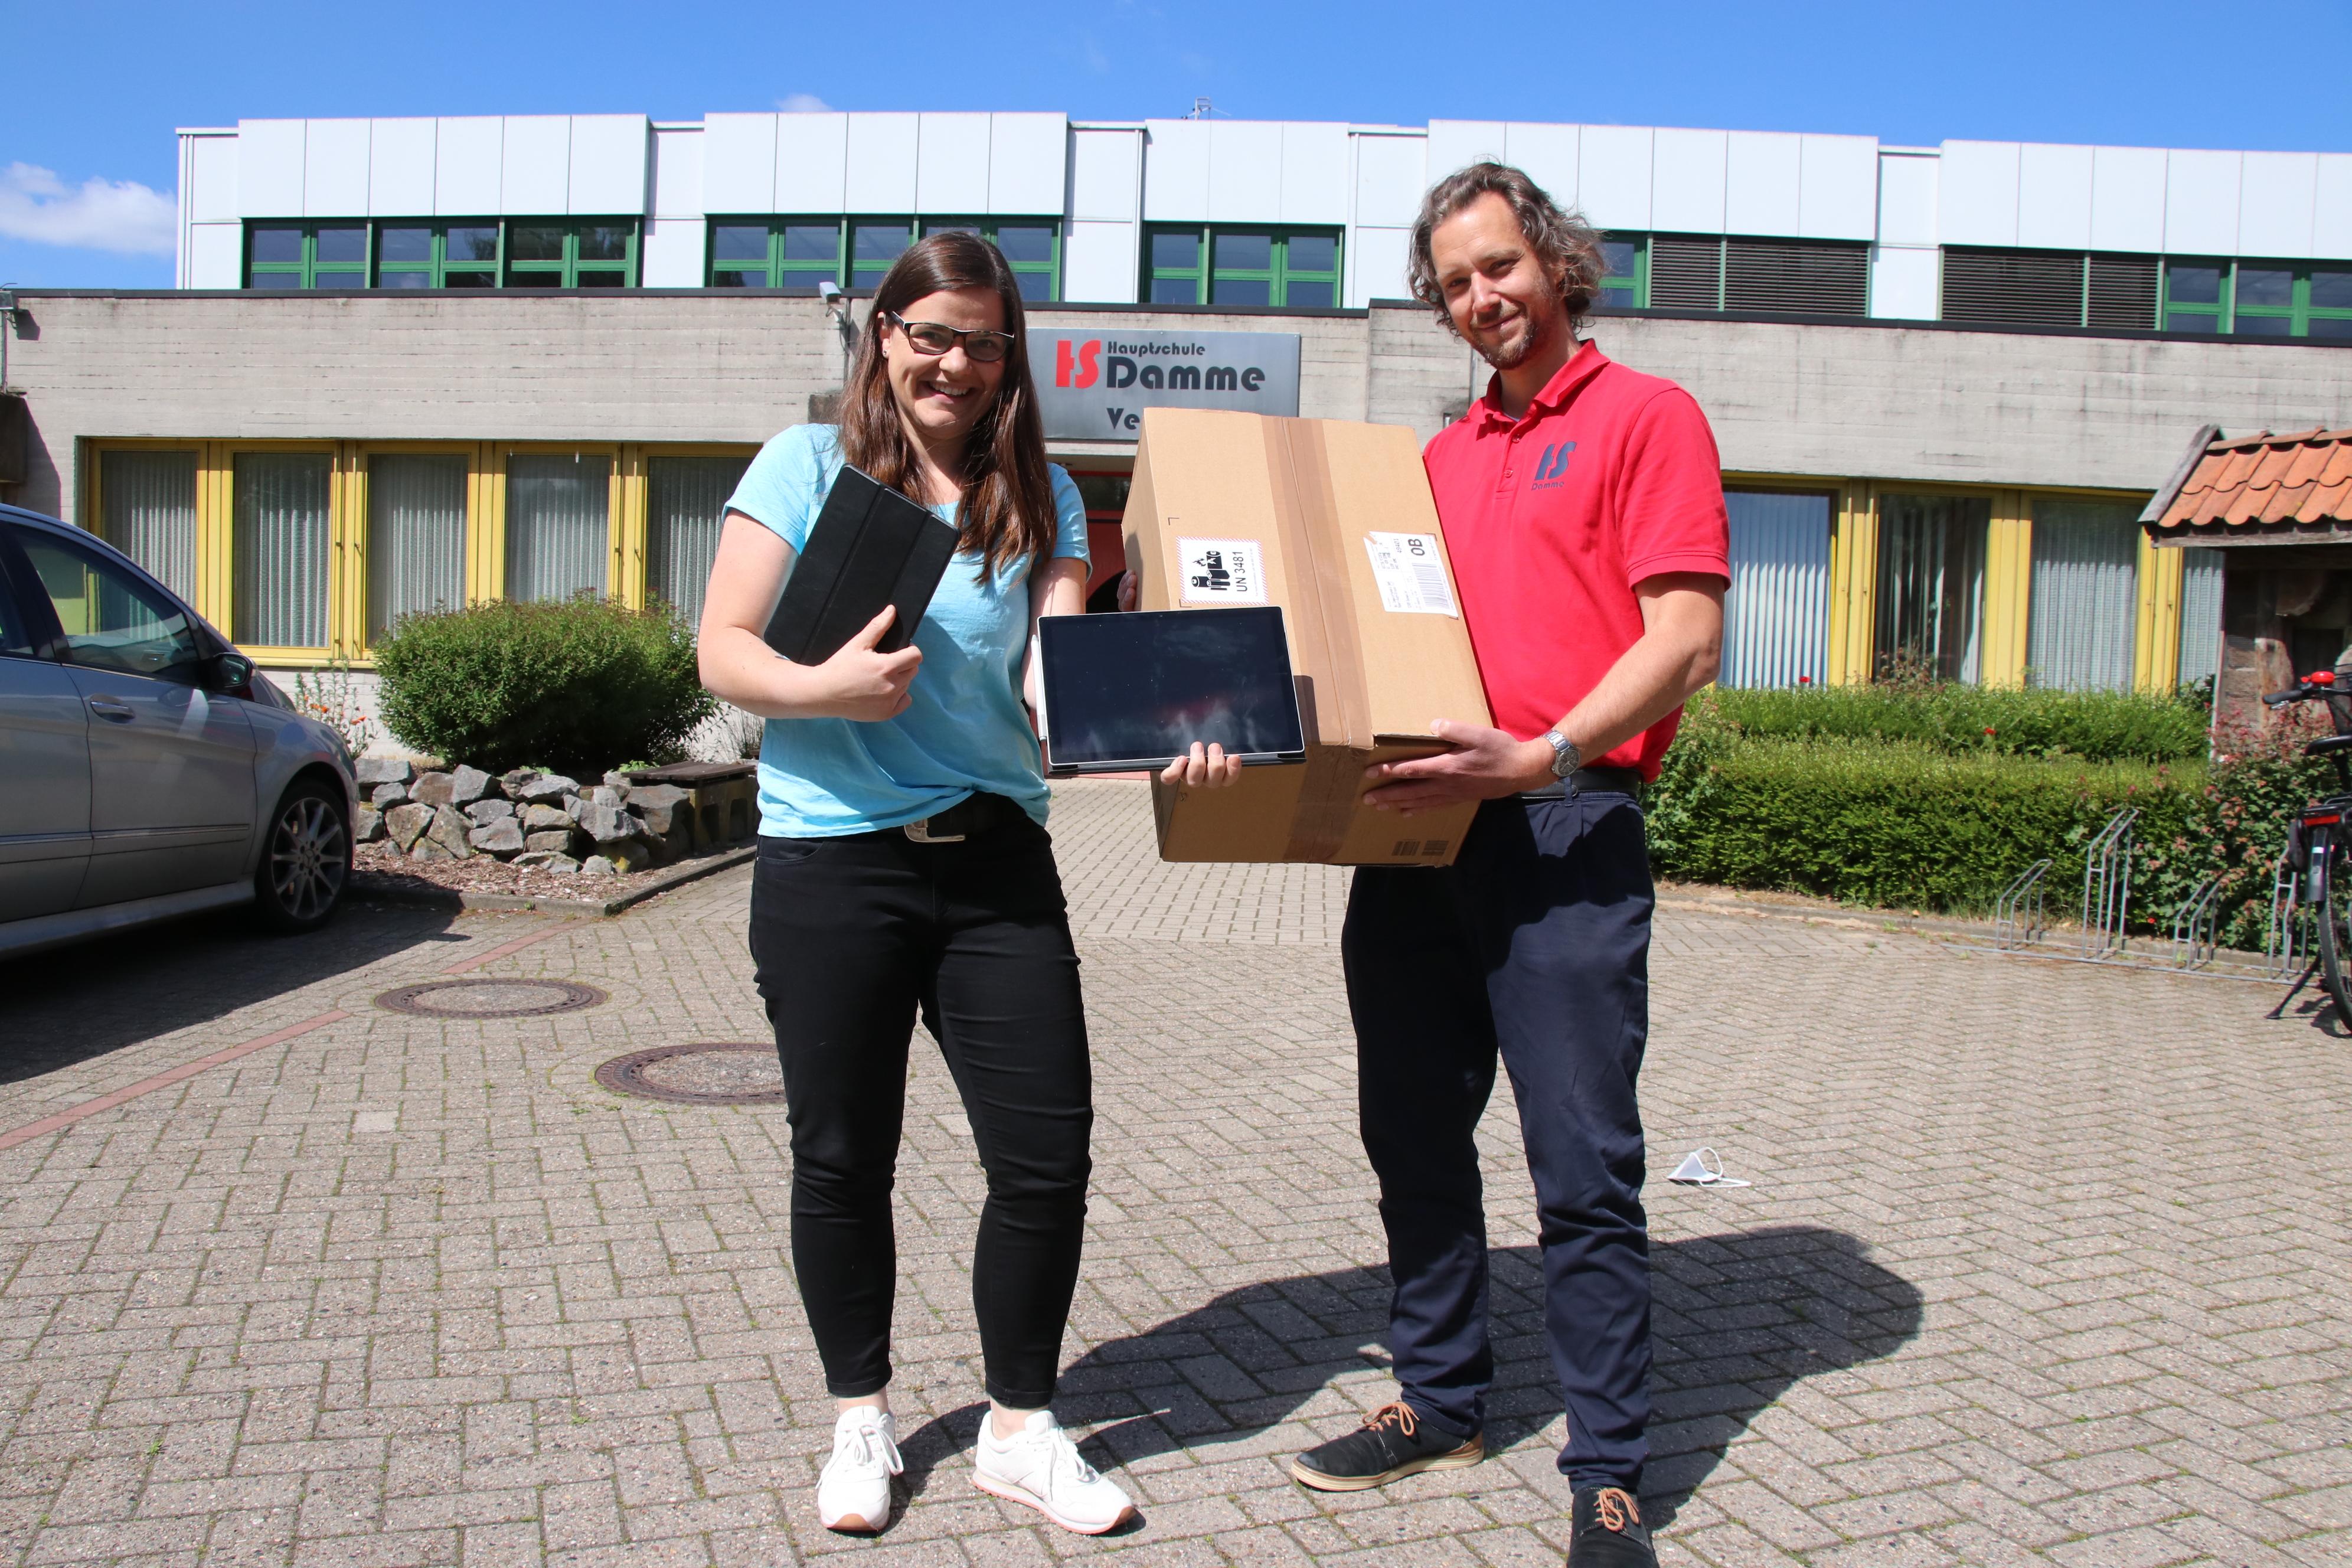 Karina Hackstette und Jan Runge, die Initiatoren der Spendenaktion, freuen sich über die vielen neuen Geräte, die die Hauptschule bekommen hat. Foto: Lammert